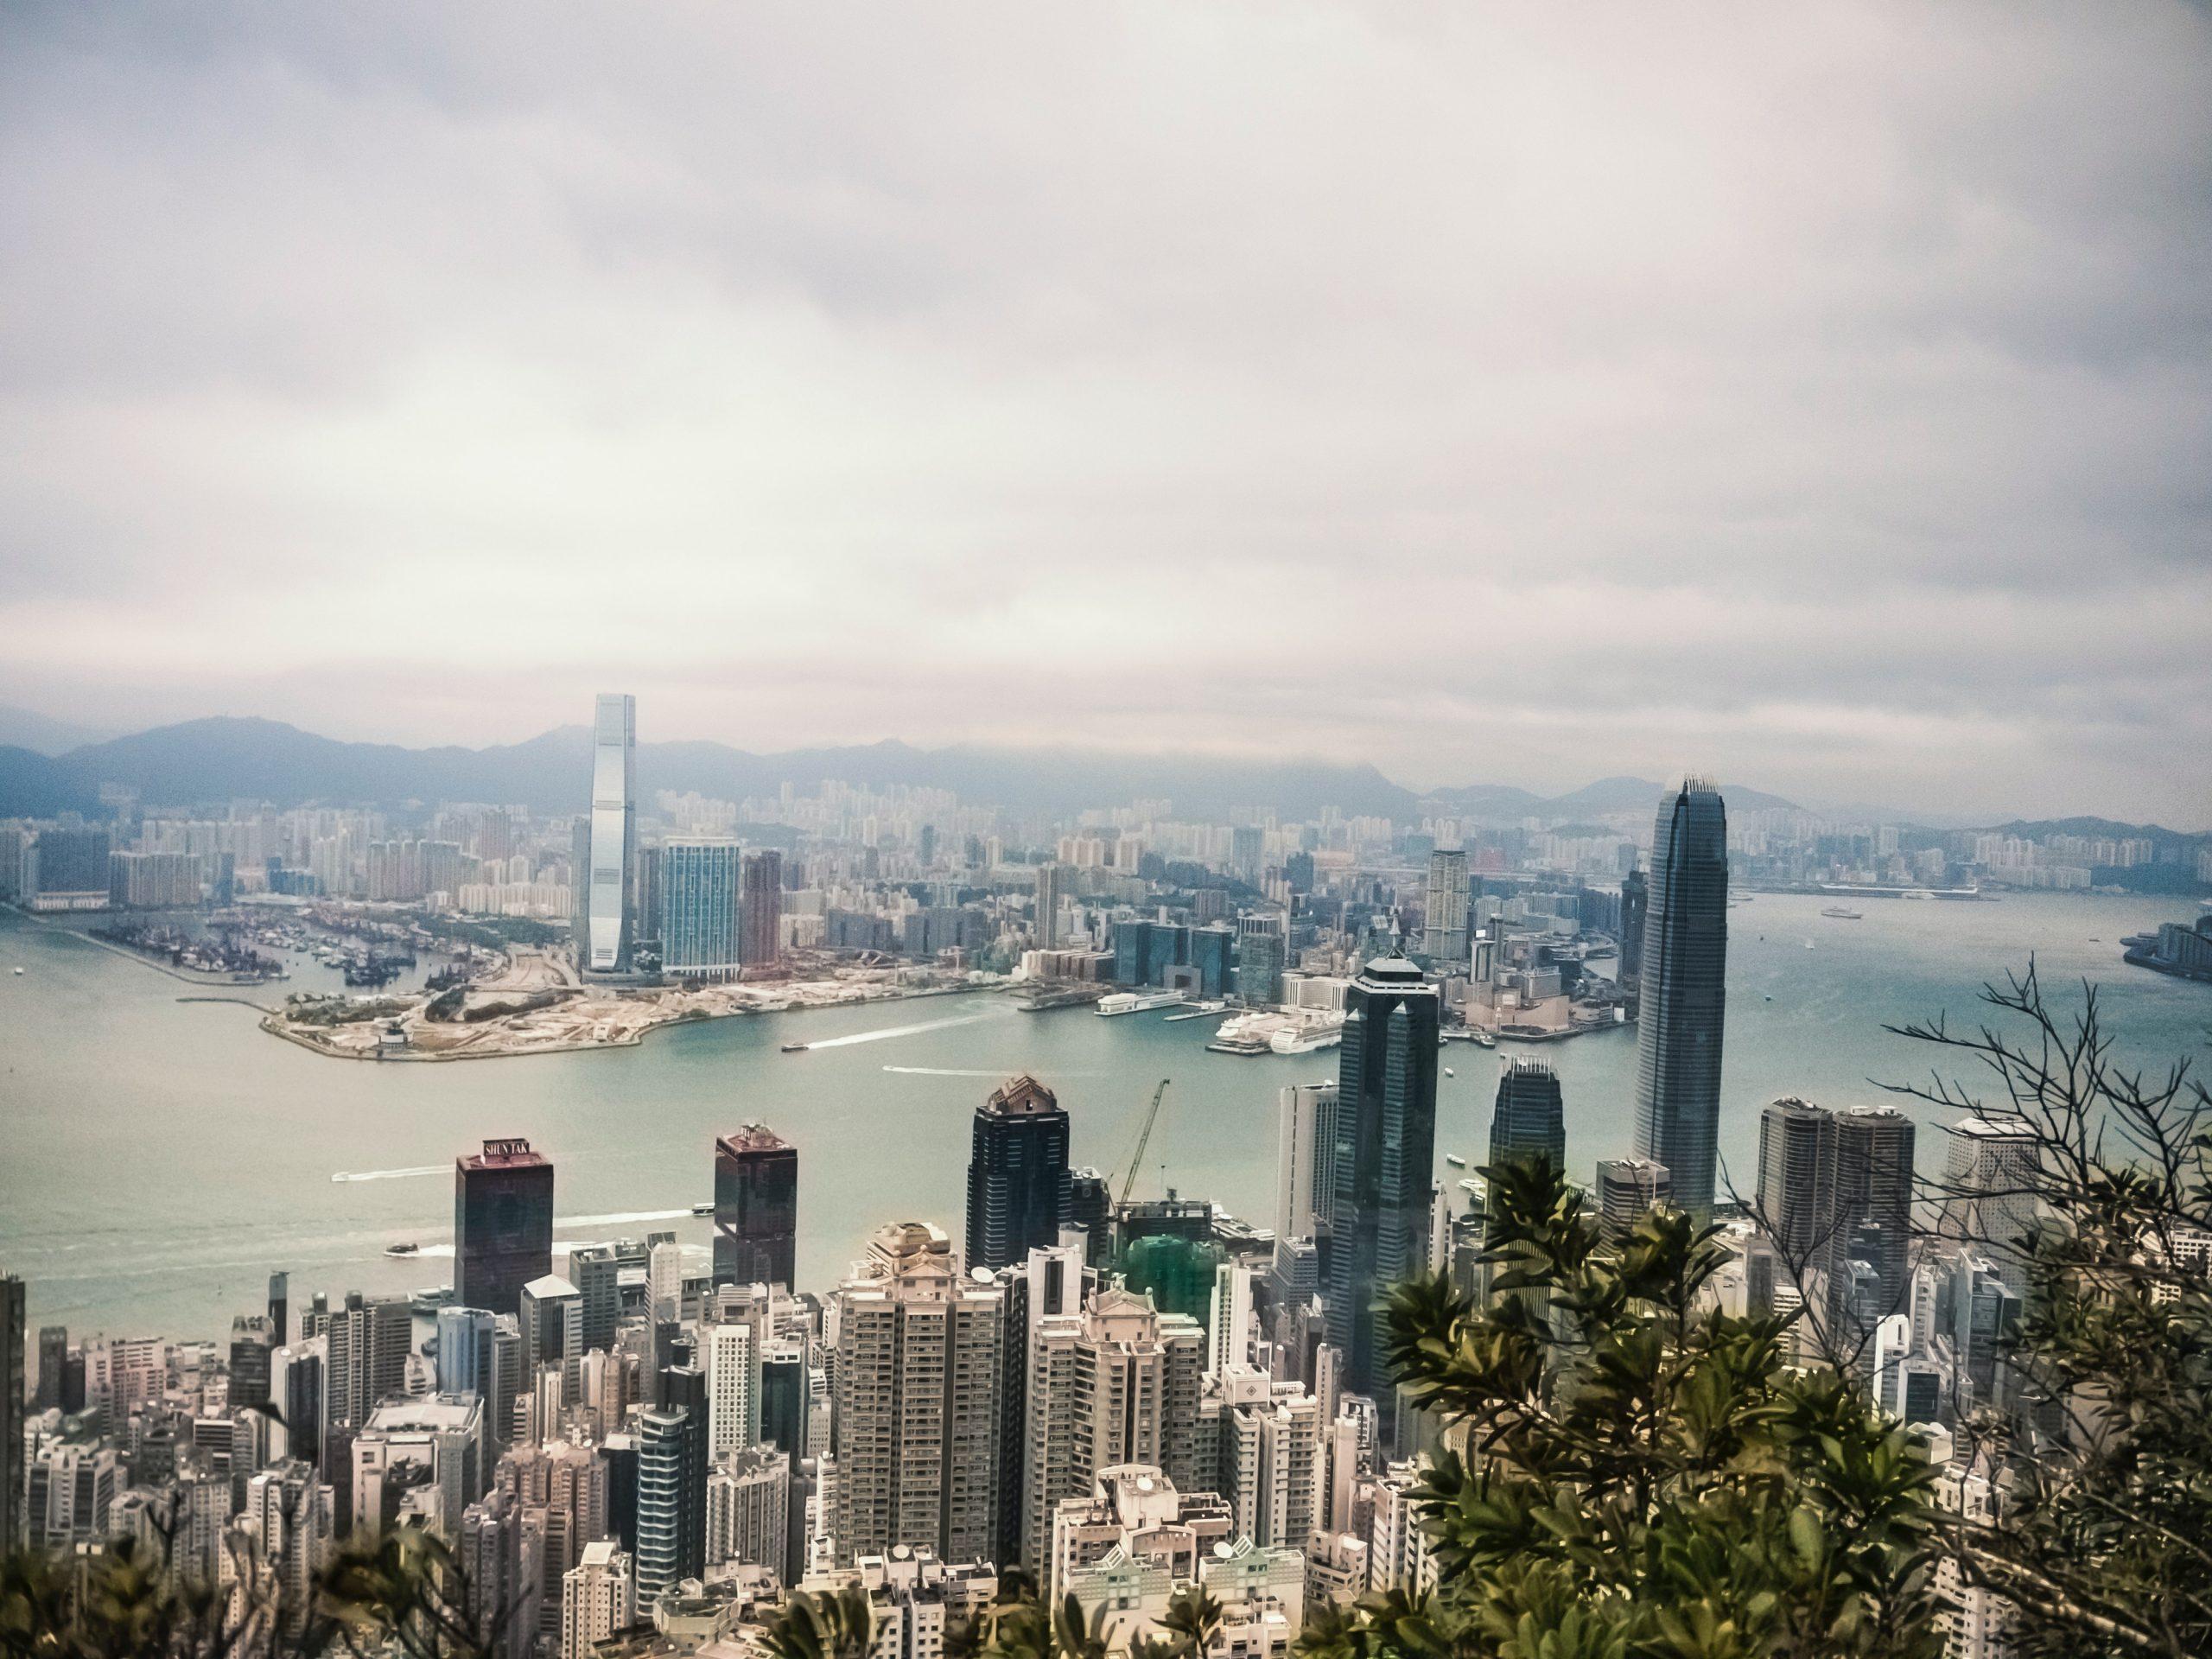 هنگ کنگ یکی از مدرنترین و هیجان انگیزترین مقاصد برای ادامه تحصیل است.